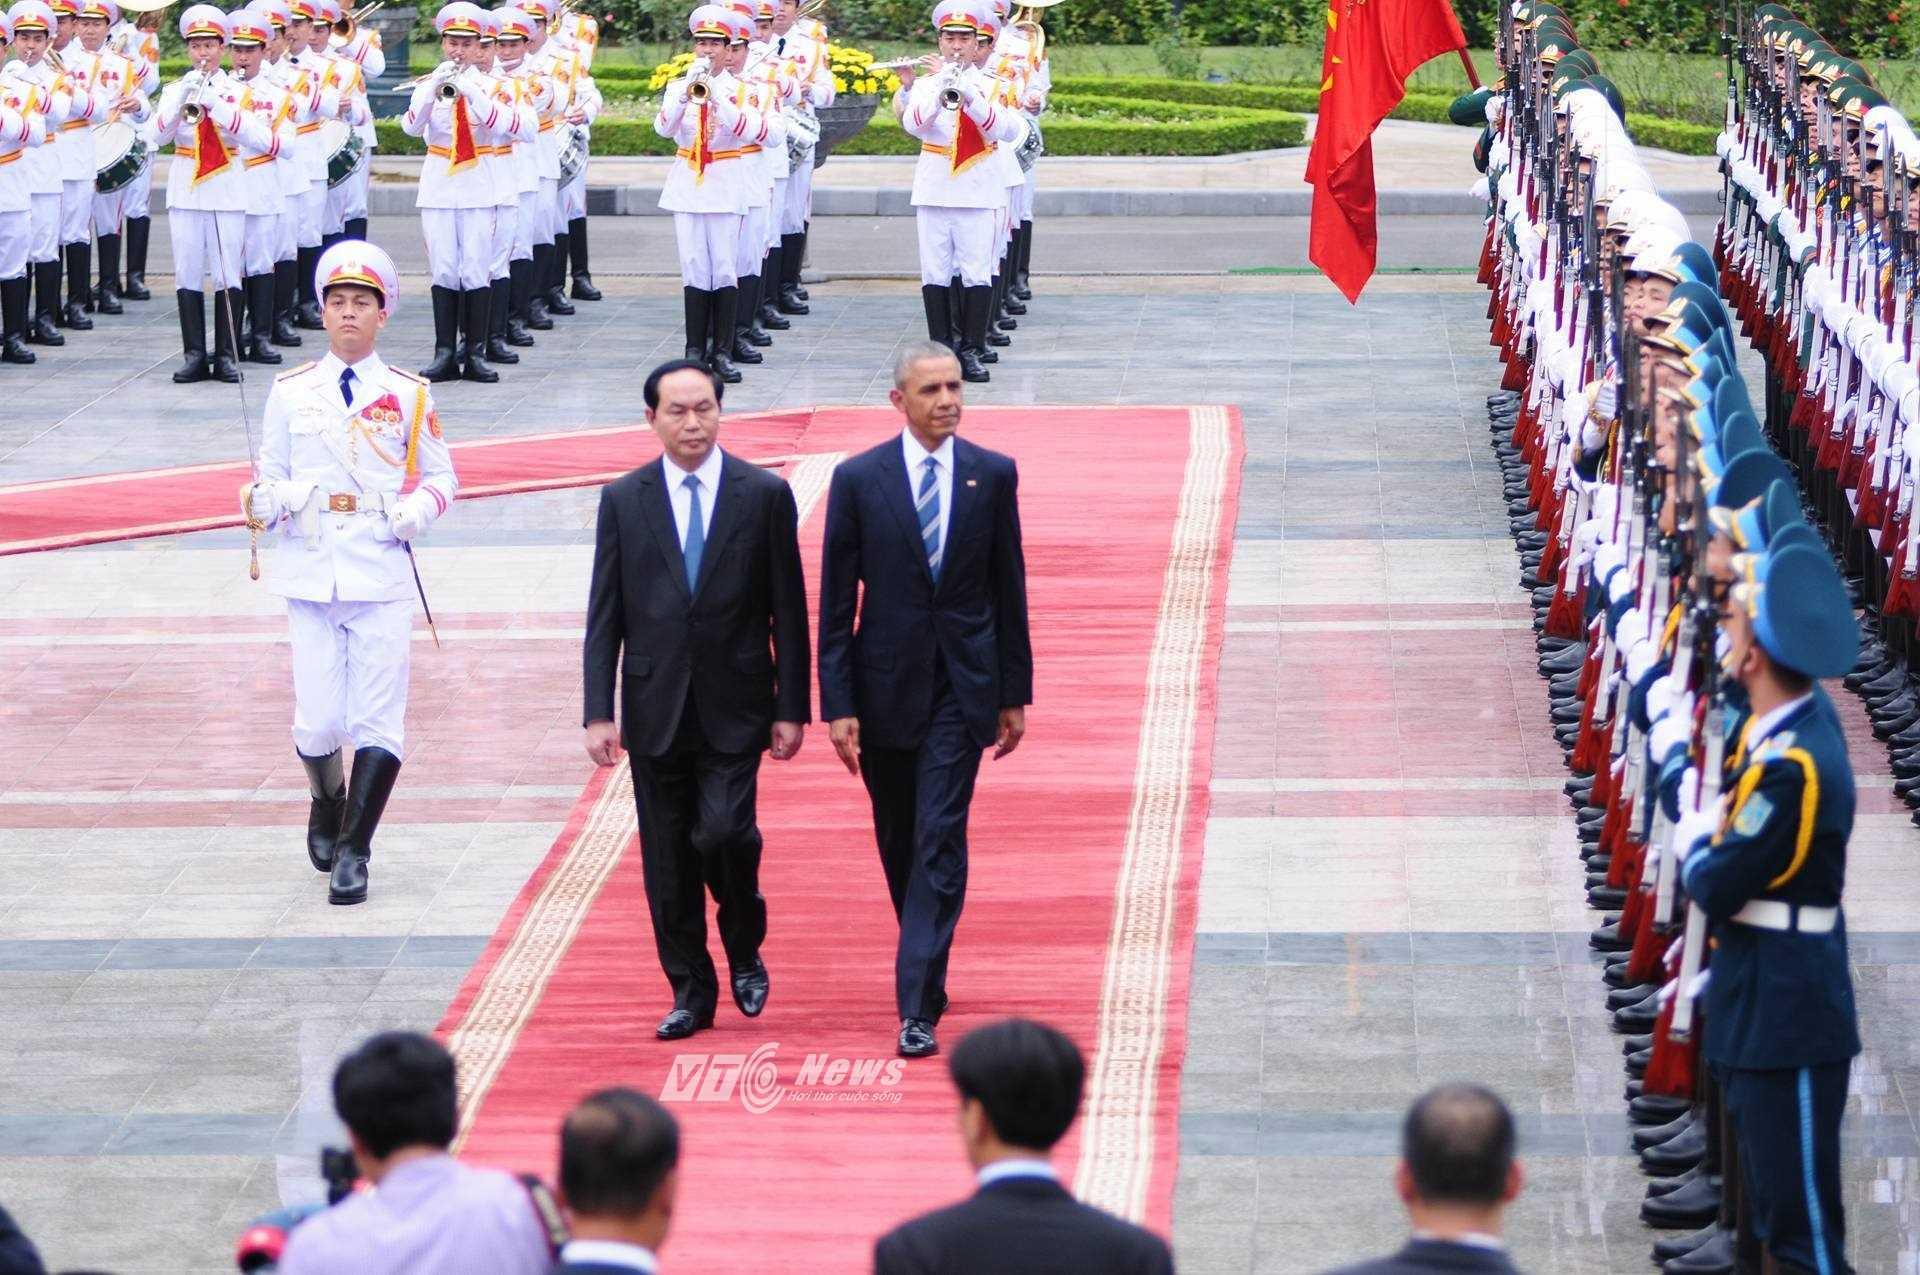 Chủ tịch Trần Đại Quang chủ trì nghi thức đón tiếp chính thức đối với vị tổng thống Mỹ (Ảnh: Tùng Đinh)